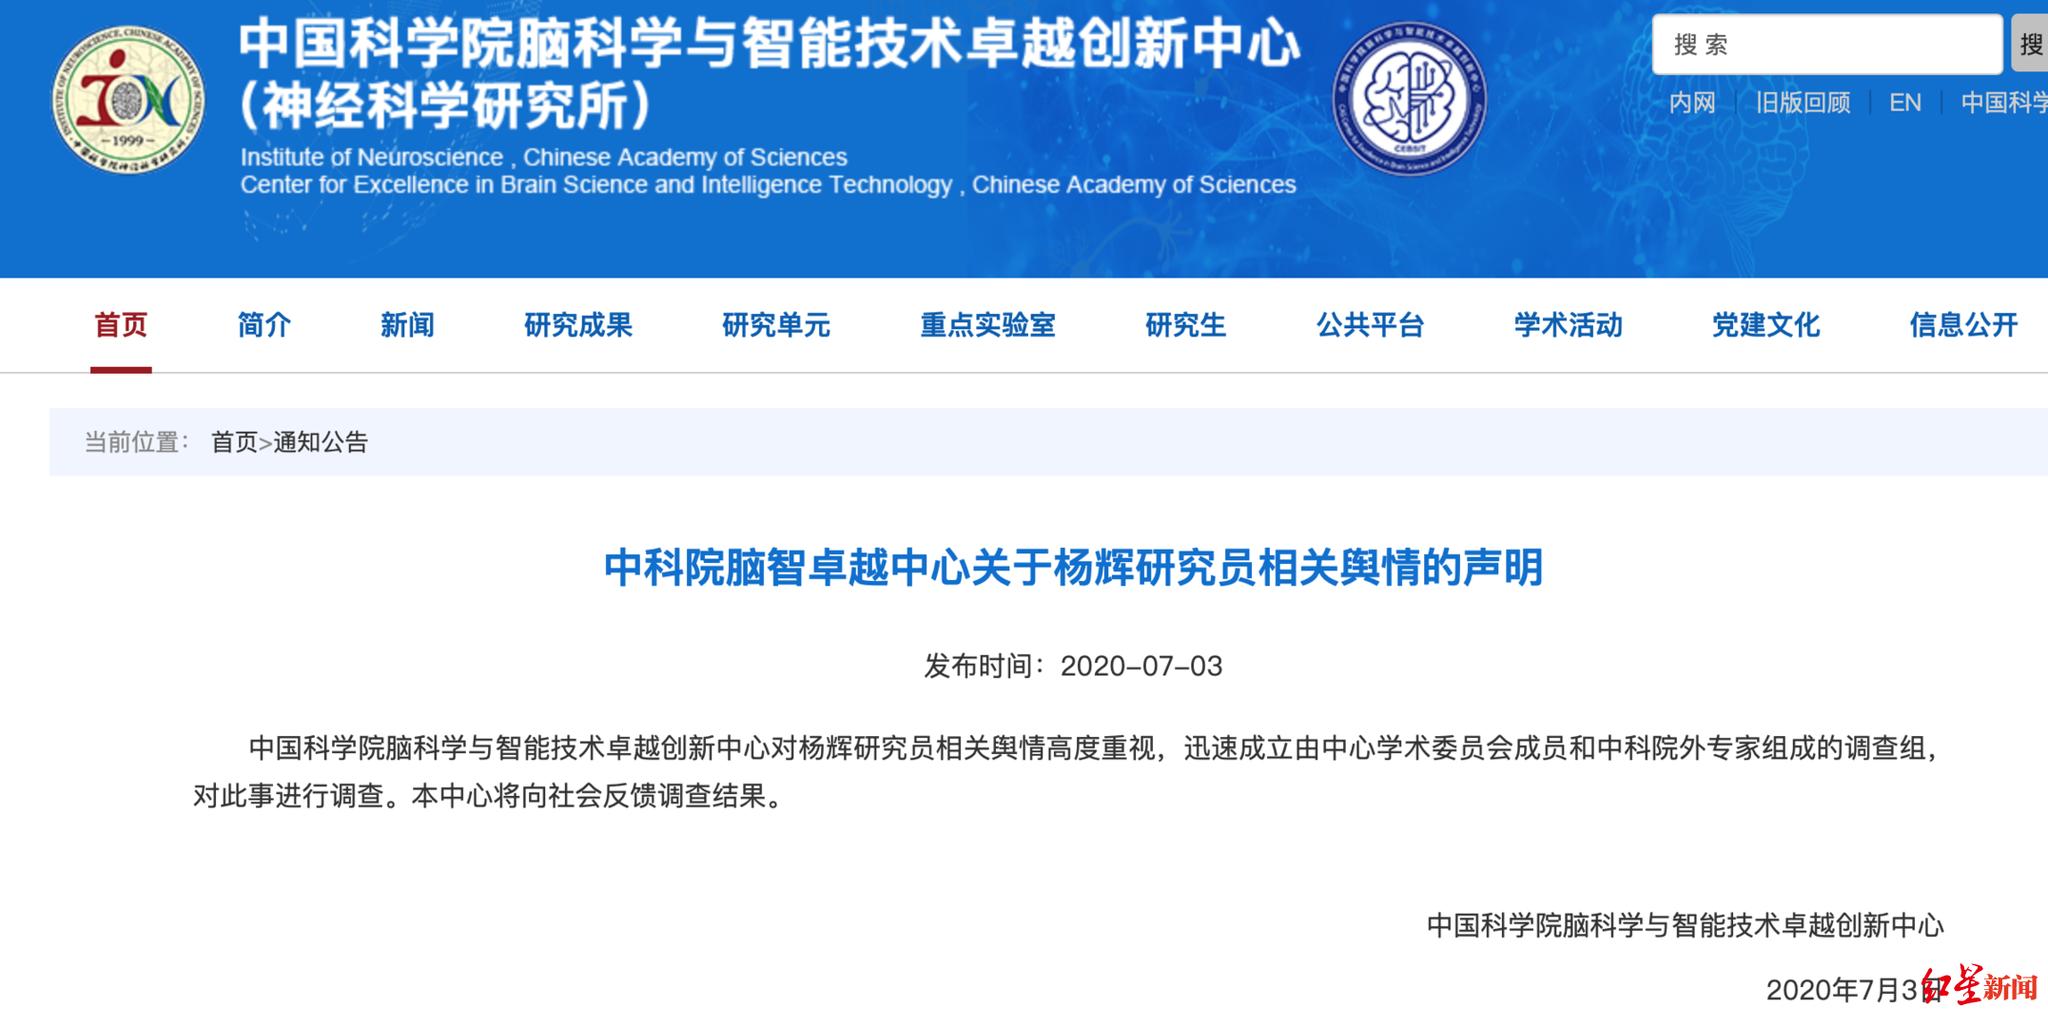 中科院脑智卓越中心:高度重视杨辉研究员学术成果舆情,已成立调查组